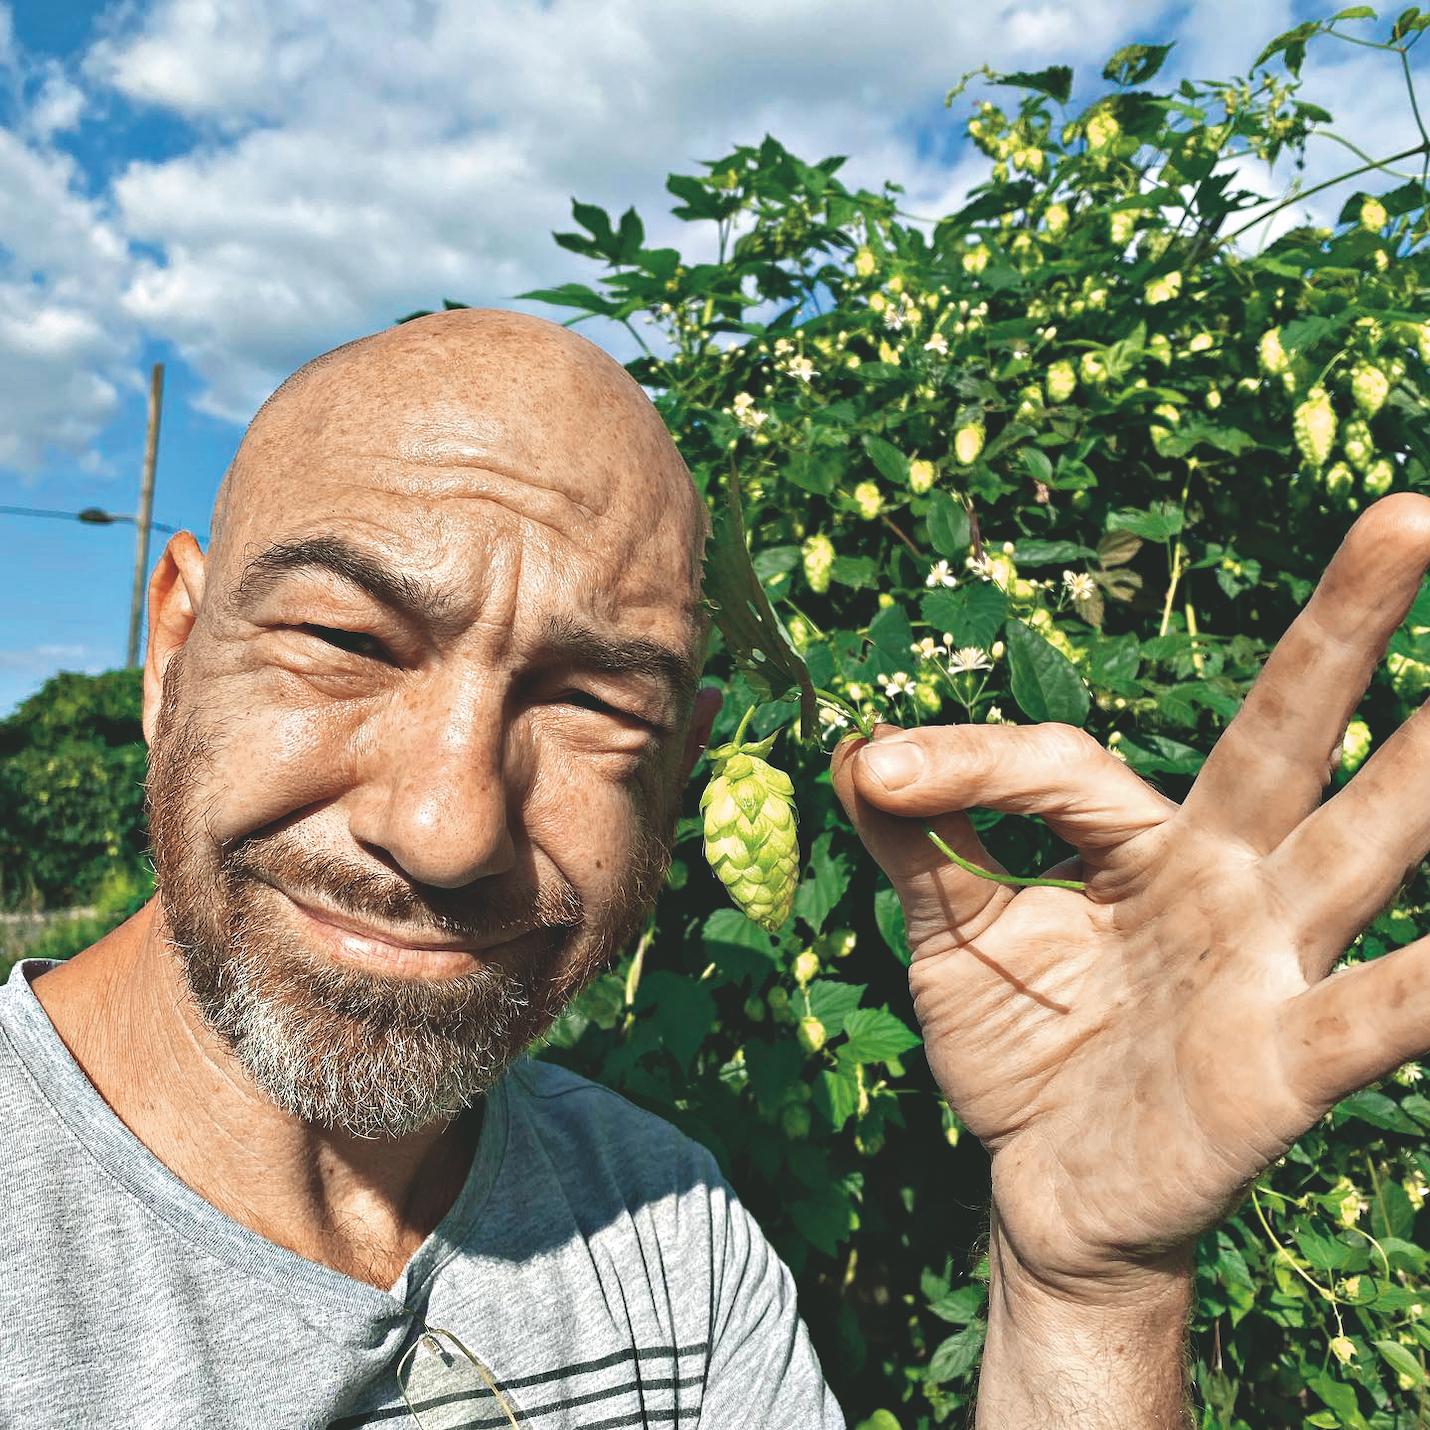 Roman Gregory mit Hopfen in seinem Garten. Bild: Privat.